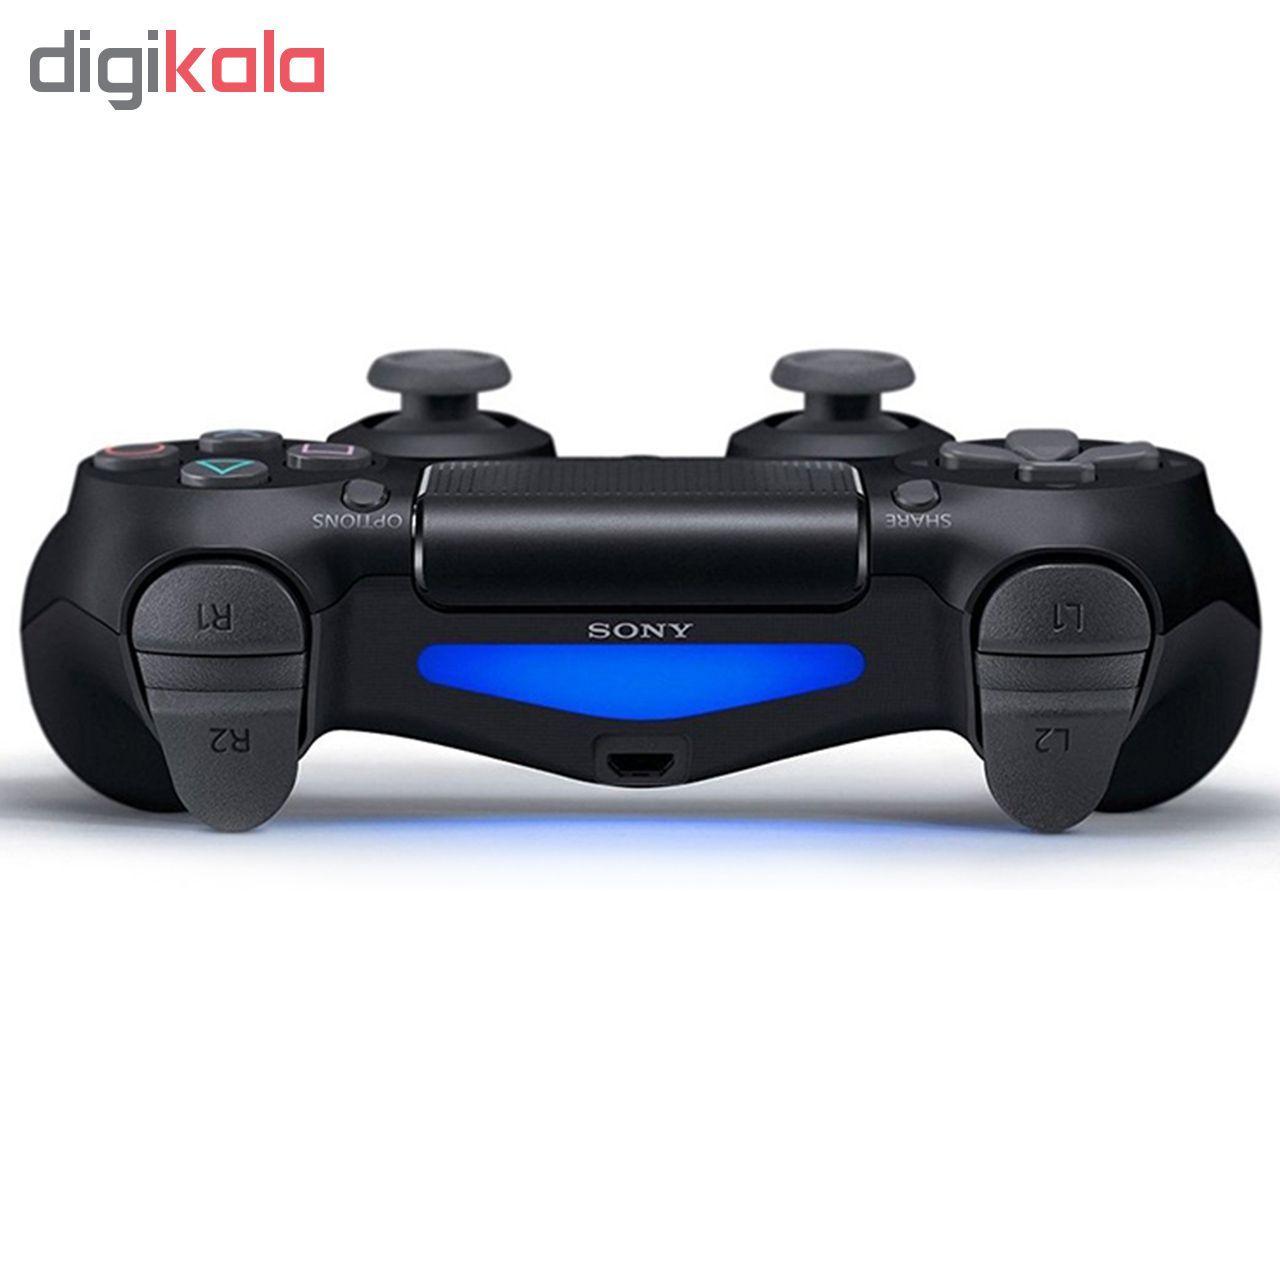 کنسول بازی سونی مدل Playstation 4 Slim کد Region 2 CUH-2216A ظرفیت 500 گیگابایت main 1 7